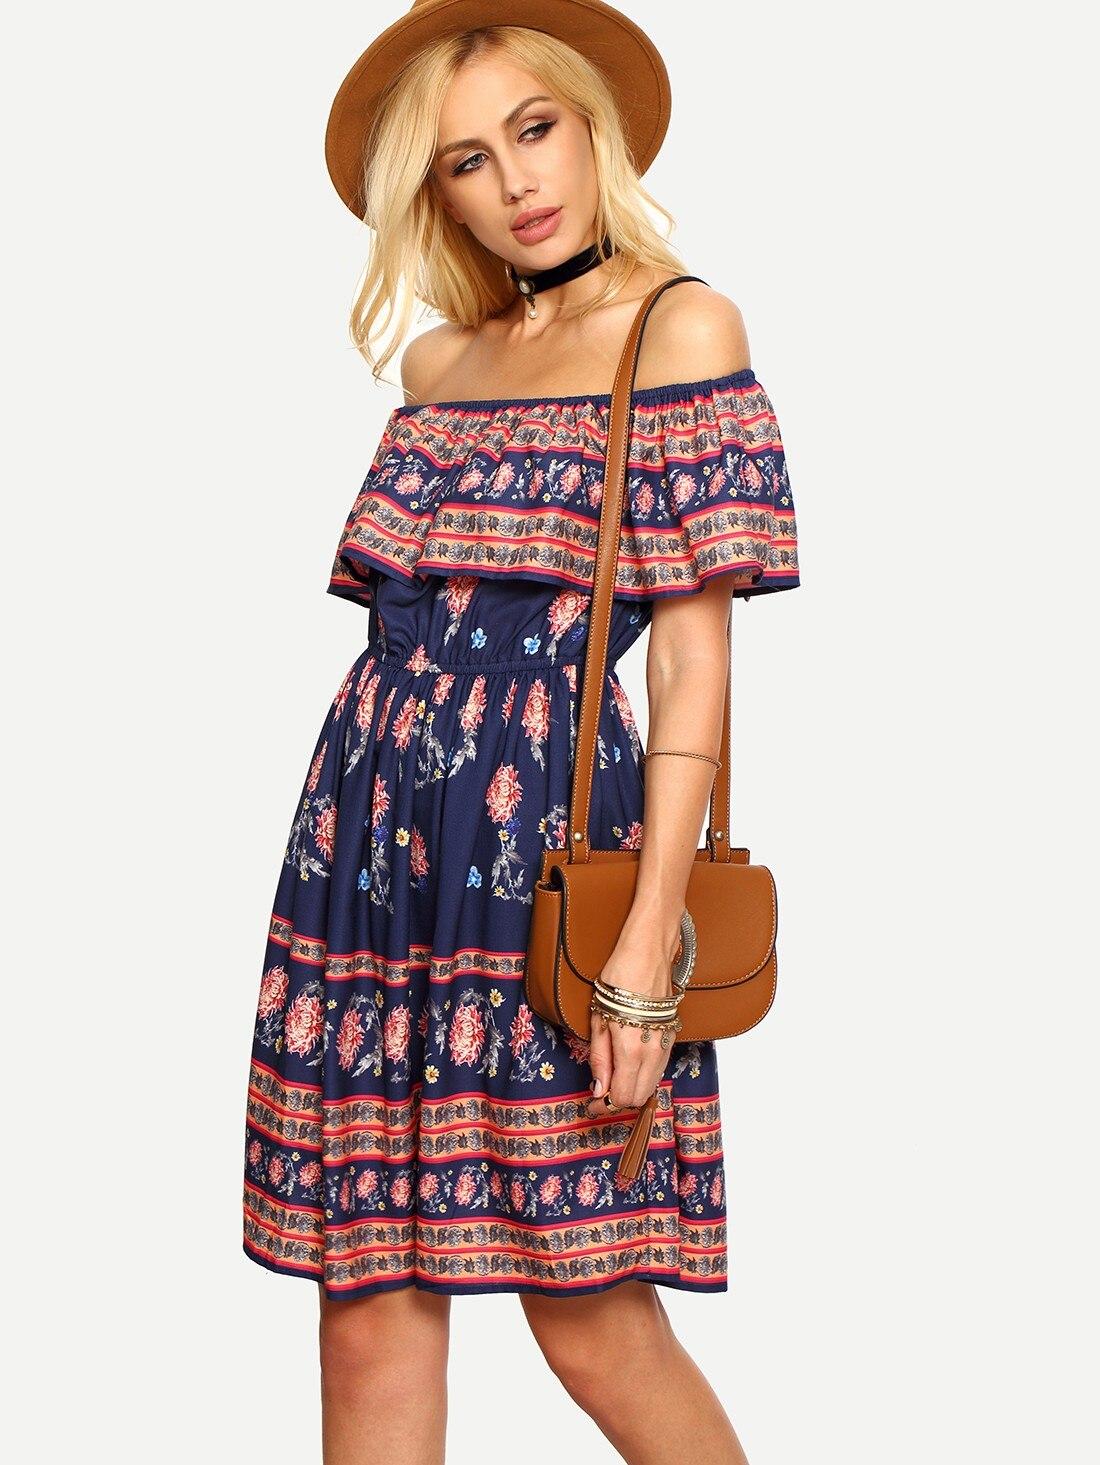 Designer Holiday Dresses Promotion-Shop for Promotional Designer ...